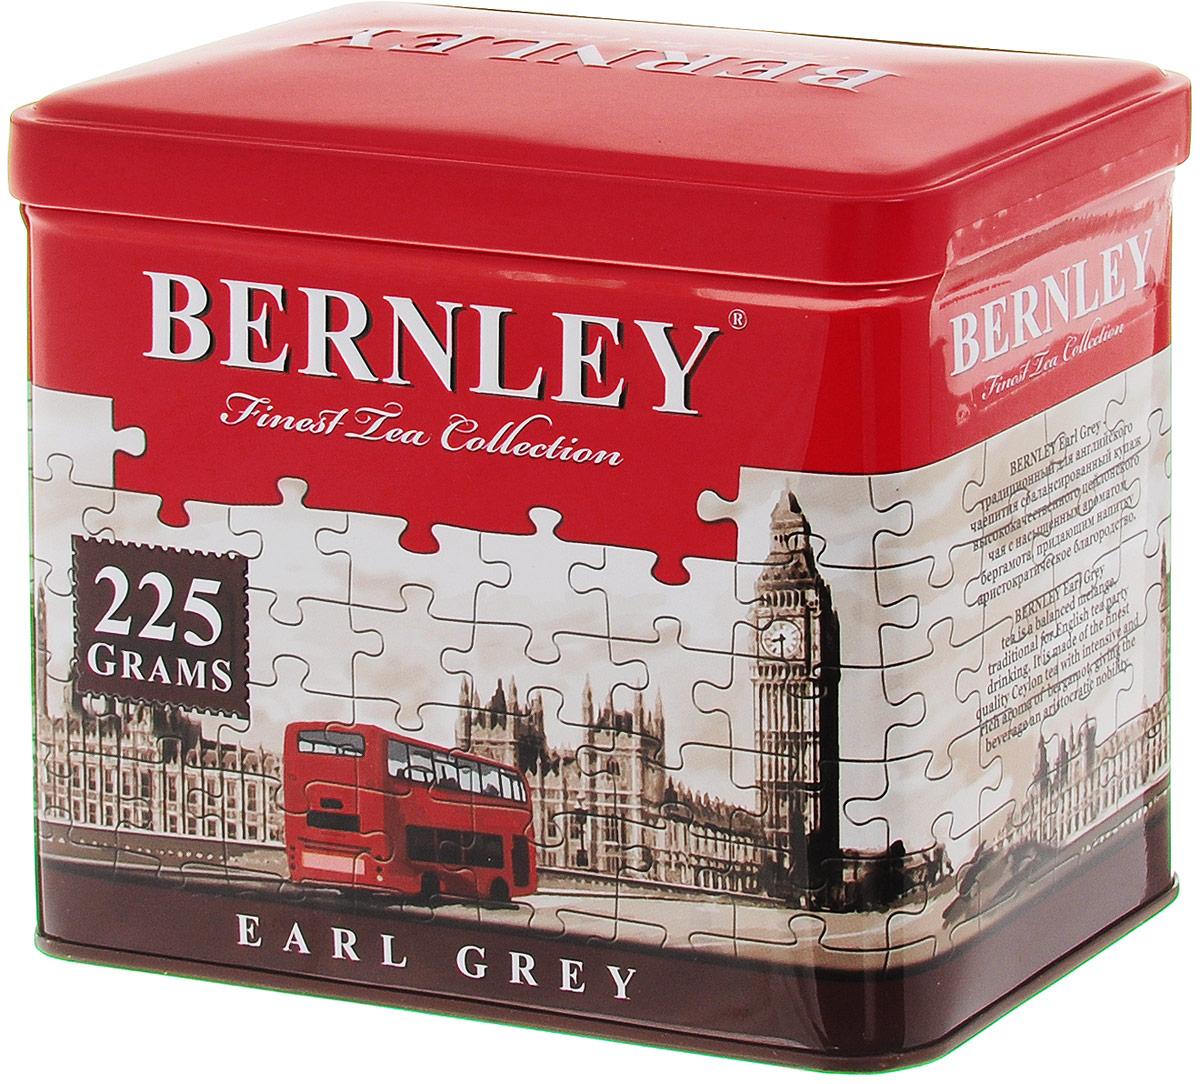 Bernley Earl Grey черный листовой ароматизированный чай, 225 г (ж/б)1070121Bernley Earl Grey - это превосходно сбалансированный купаж с изысканным вкусом и тончайшим ароматом бергамота, тропического фрукта, который усиливает освежающее действие великолепного черного цейлонского чая, подчеркивая его неповторимые природные достоинства. Этот бодрящий напиток с легкими цитрусовыми нотками в послевкусии прекрасно подходит для чаепития в любое время.